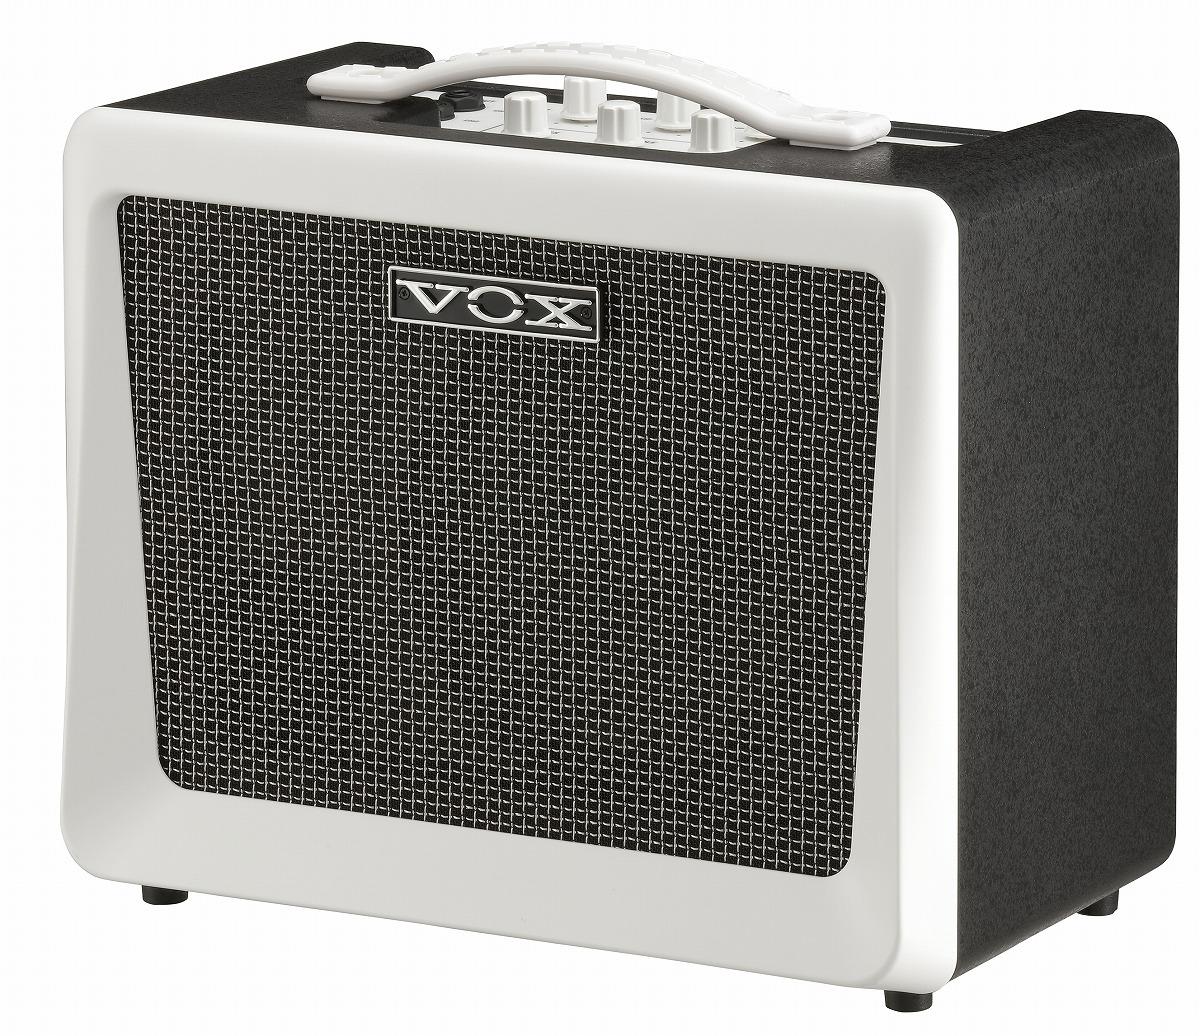 【在庫あり】VOX / VX50 KB ボックス キーボードアンプ【YRK】